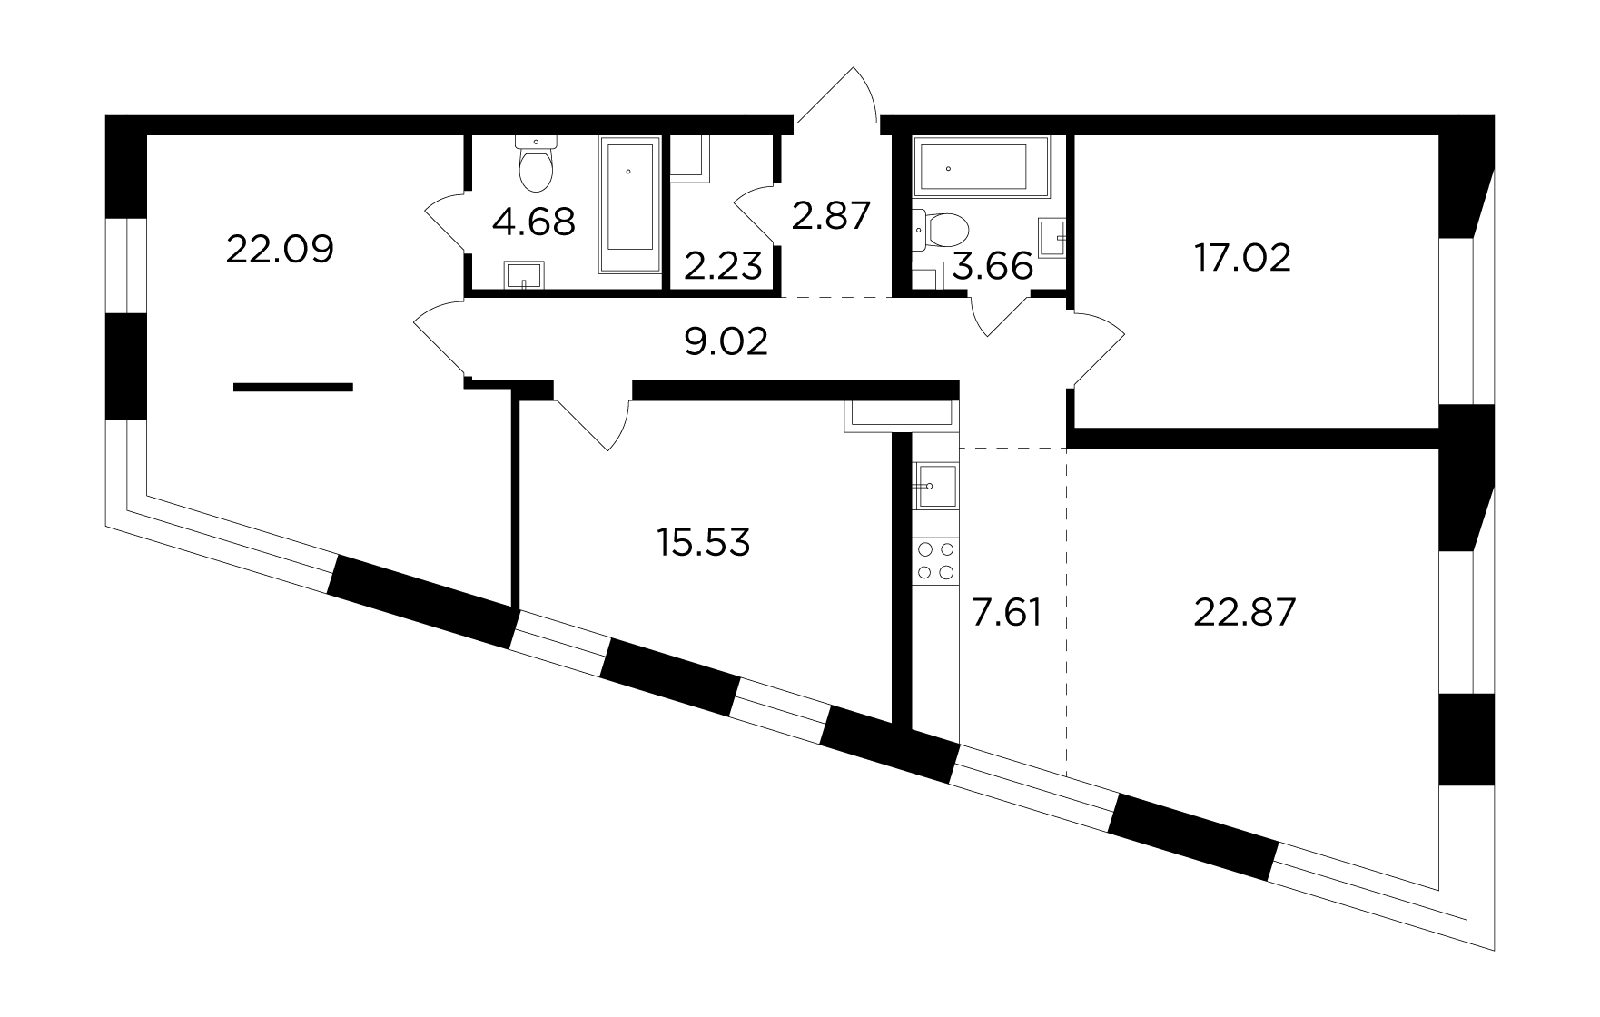 Продаётся 4-комнатная квартира в новостройке 107.6 кв.м. этаж 6/16 за 41 551 073 руб